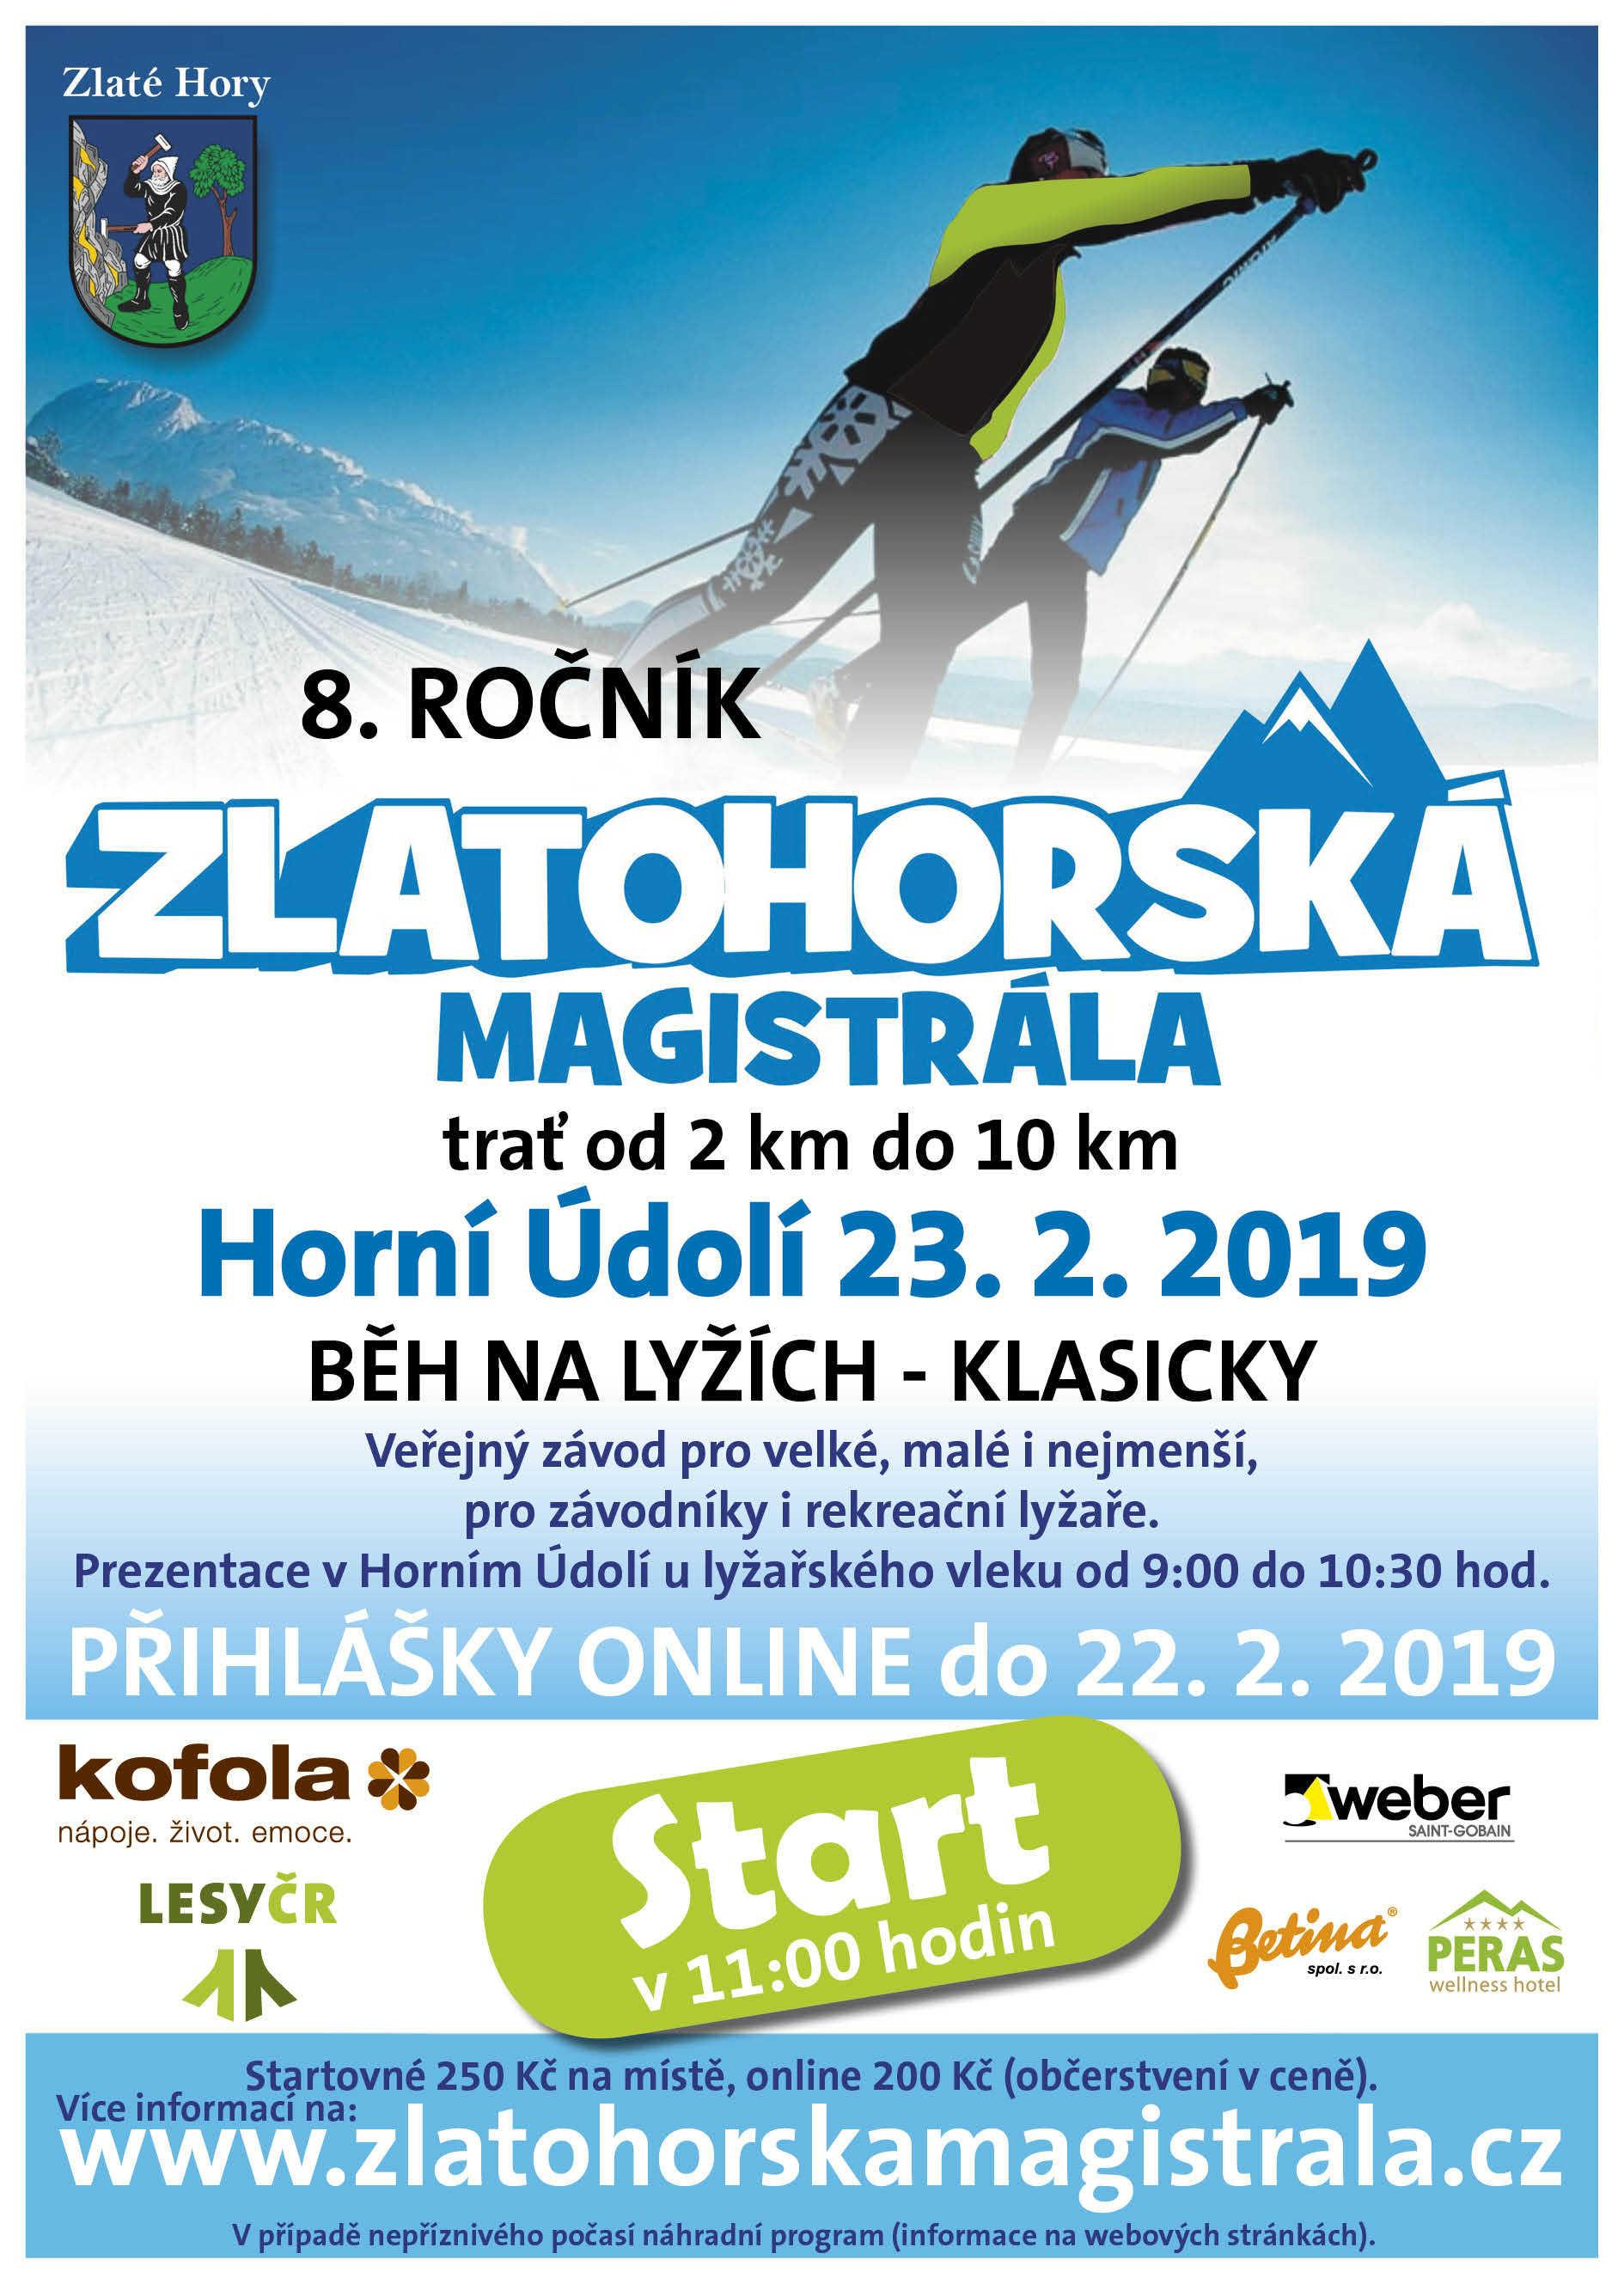 Na polesí Rejvíz proběhne osmý ročník dobročinného závodu Zlatohorská magistrála